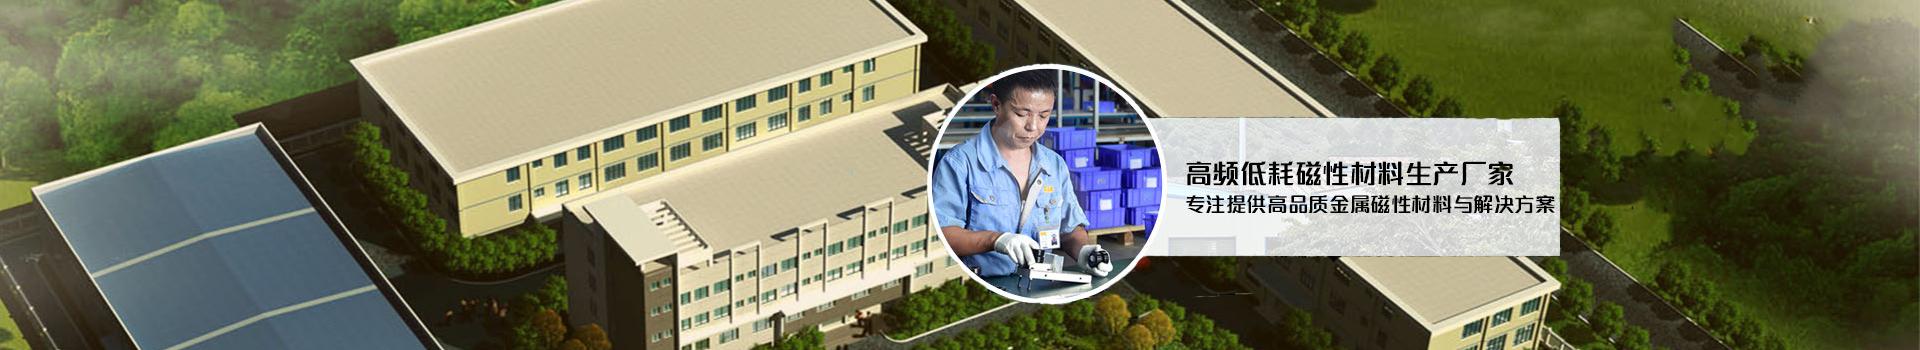 金磁科技,高频低耗磁性材料生产厂家,专注提供高品质金属磁性材料与解决方案